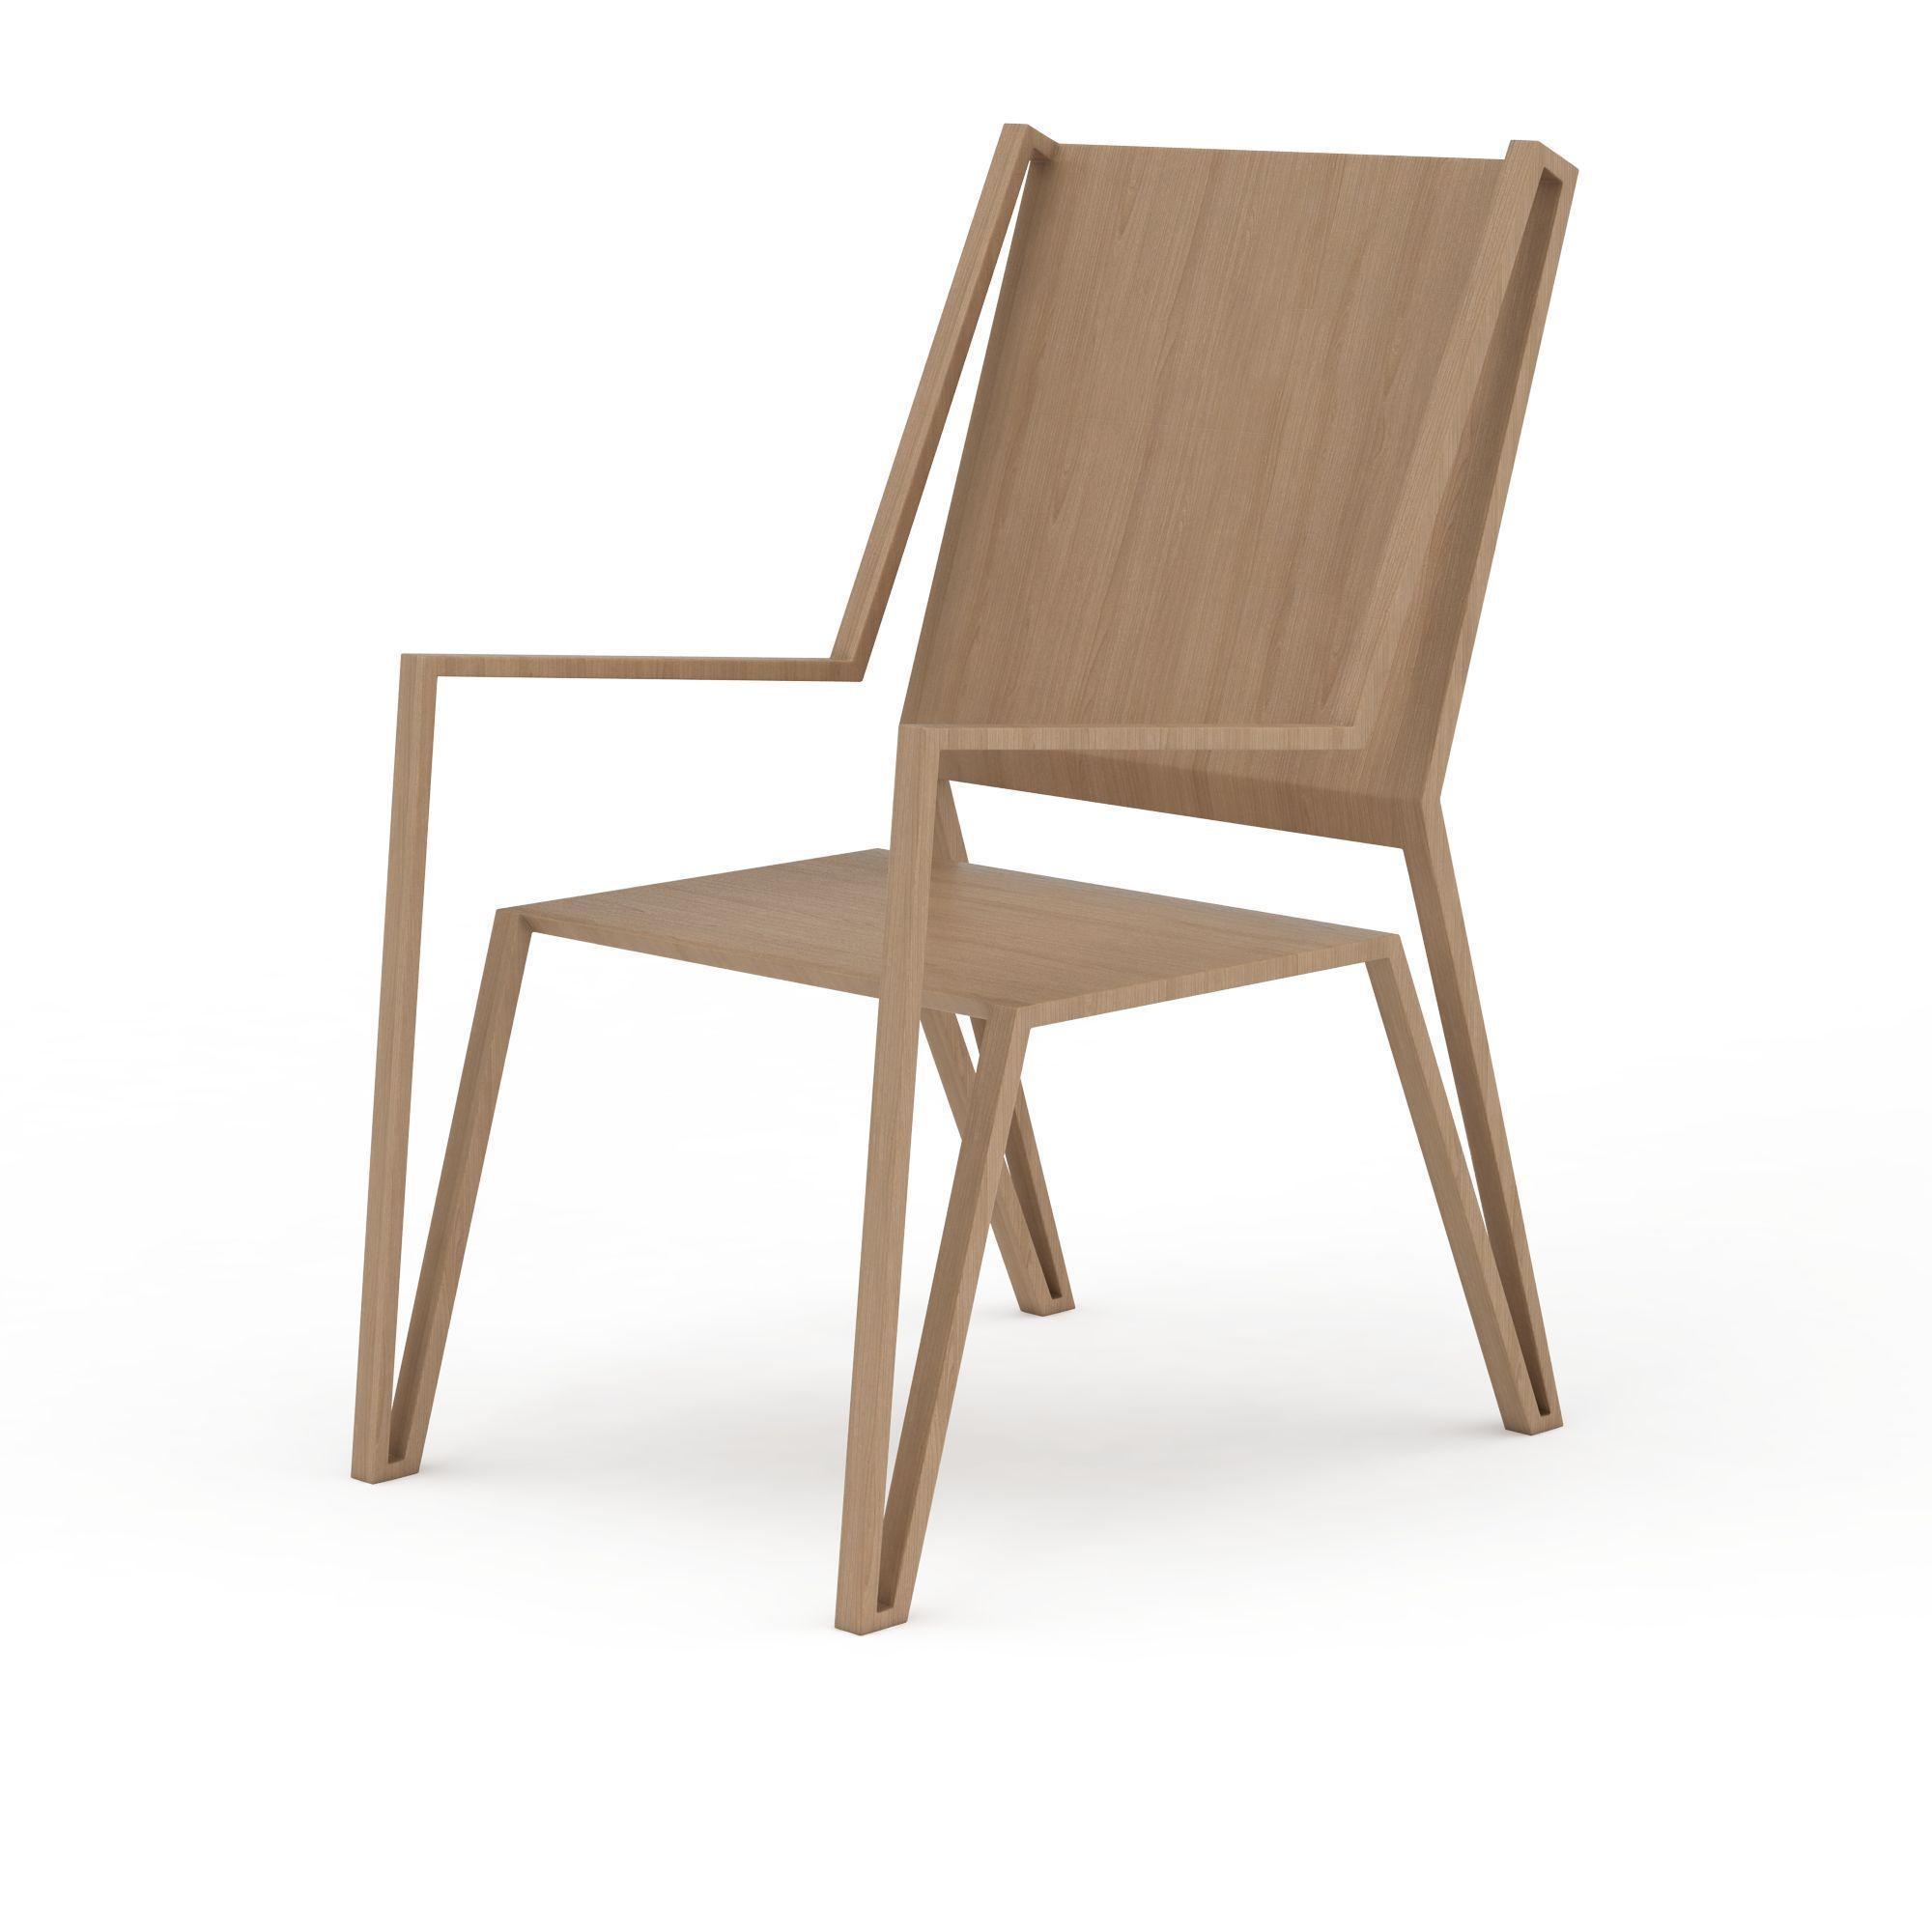 简易木质椅子高清图下载